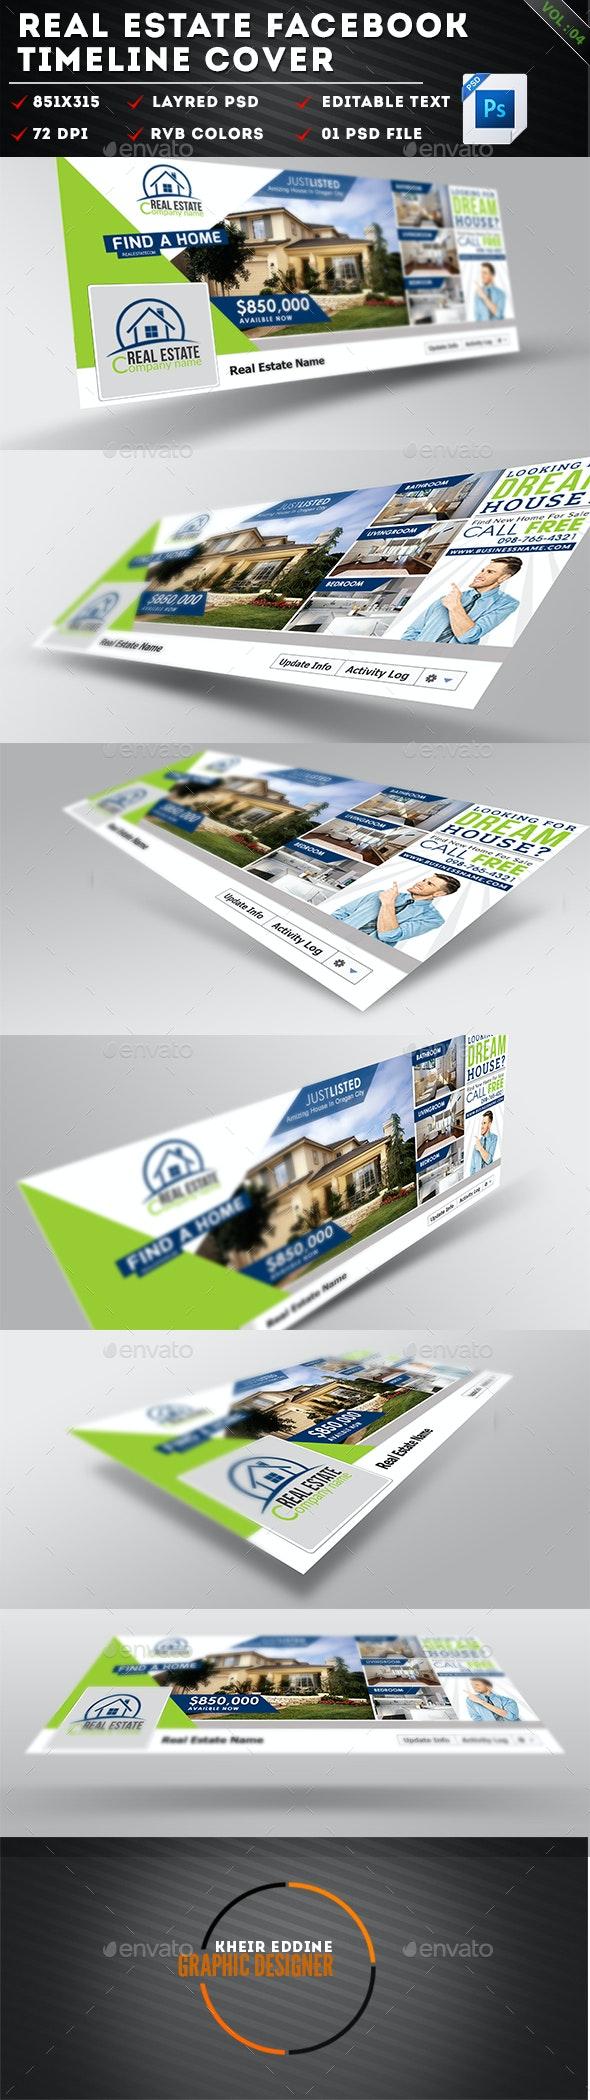 Real Estate Facebook Timeline Cover Vol 04  - Facebook Timeline Covers Social Media